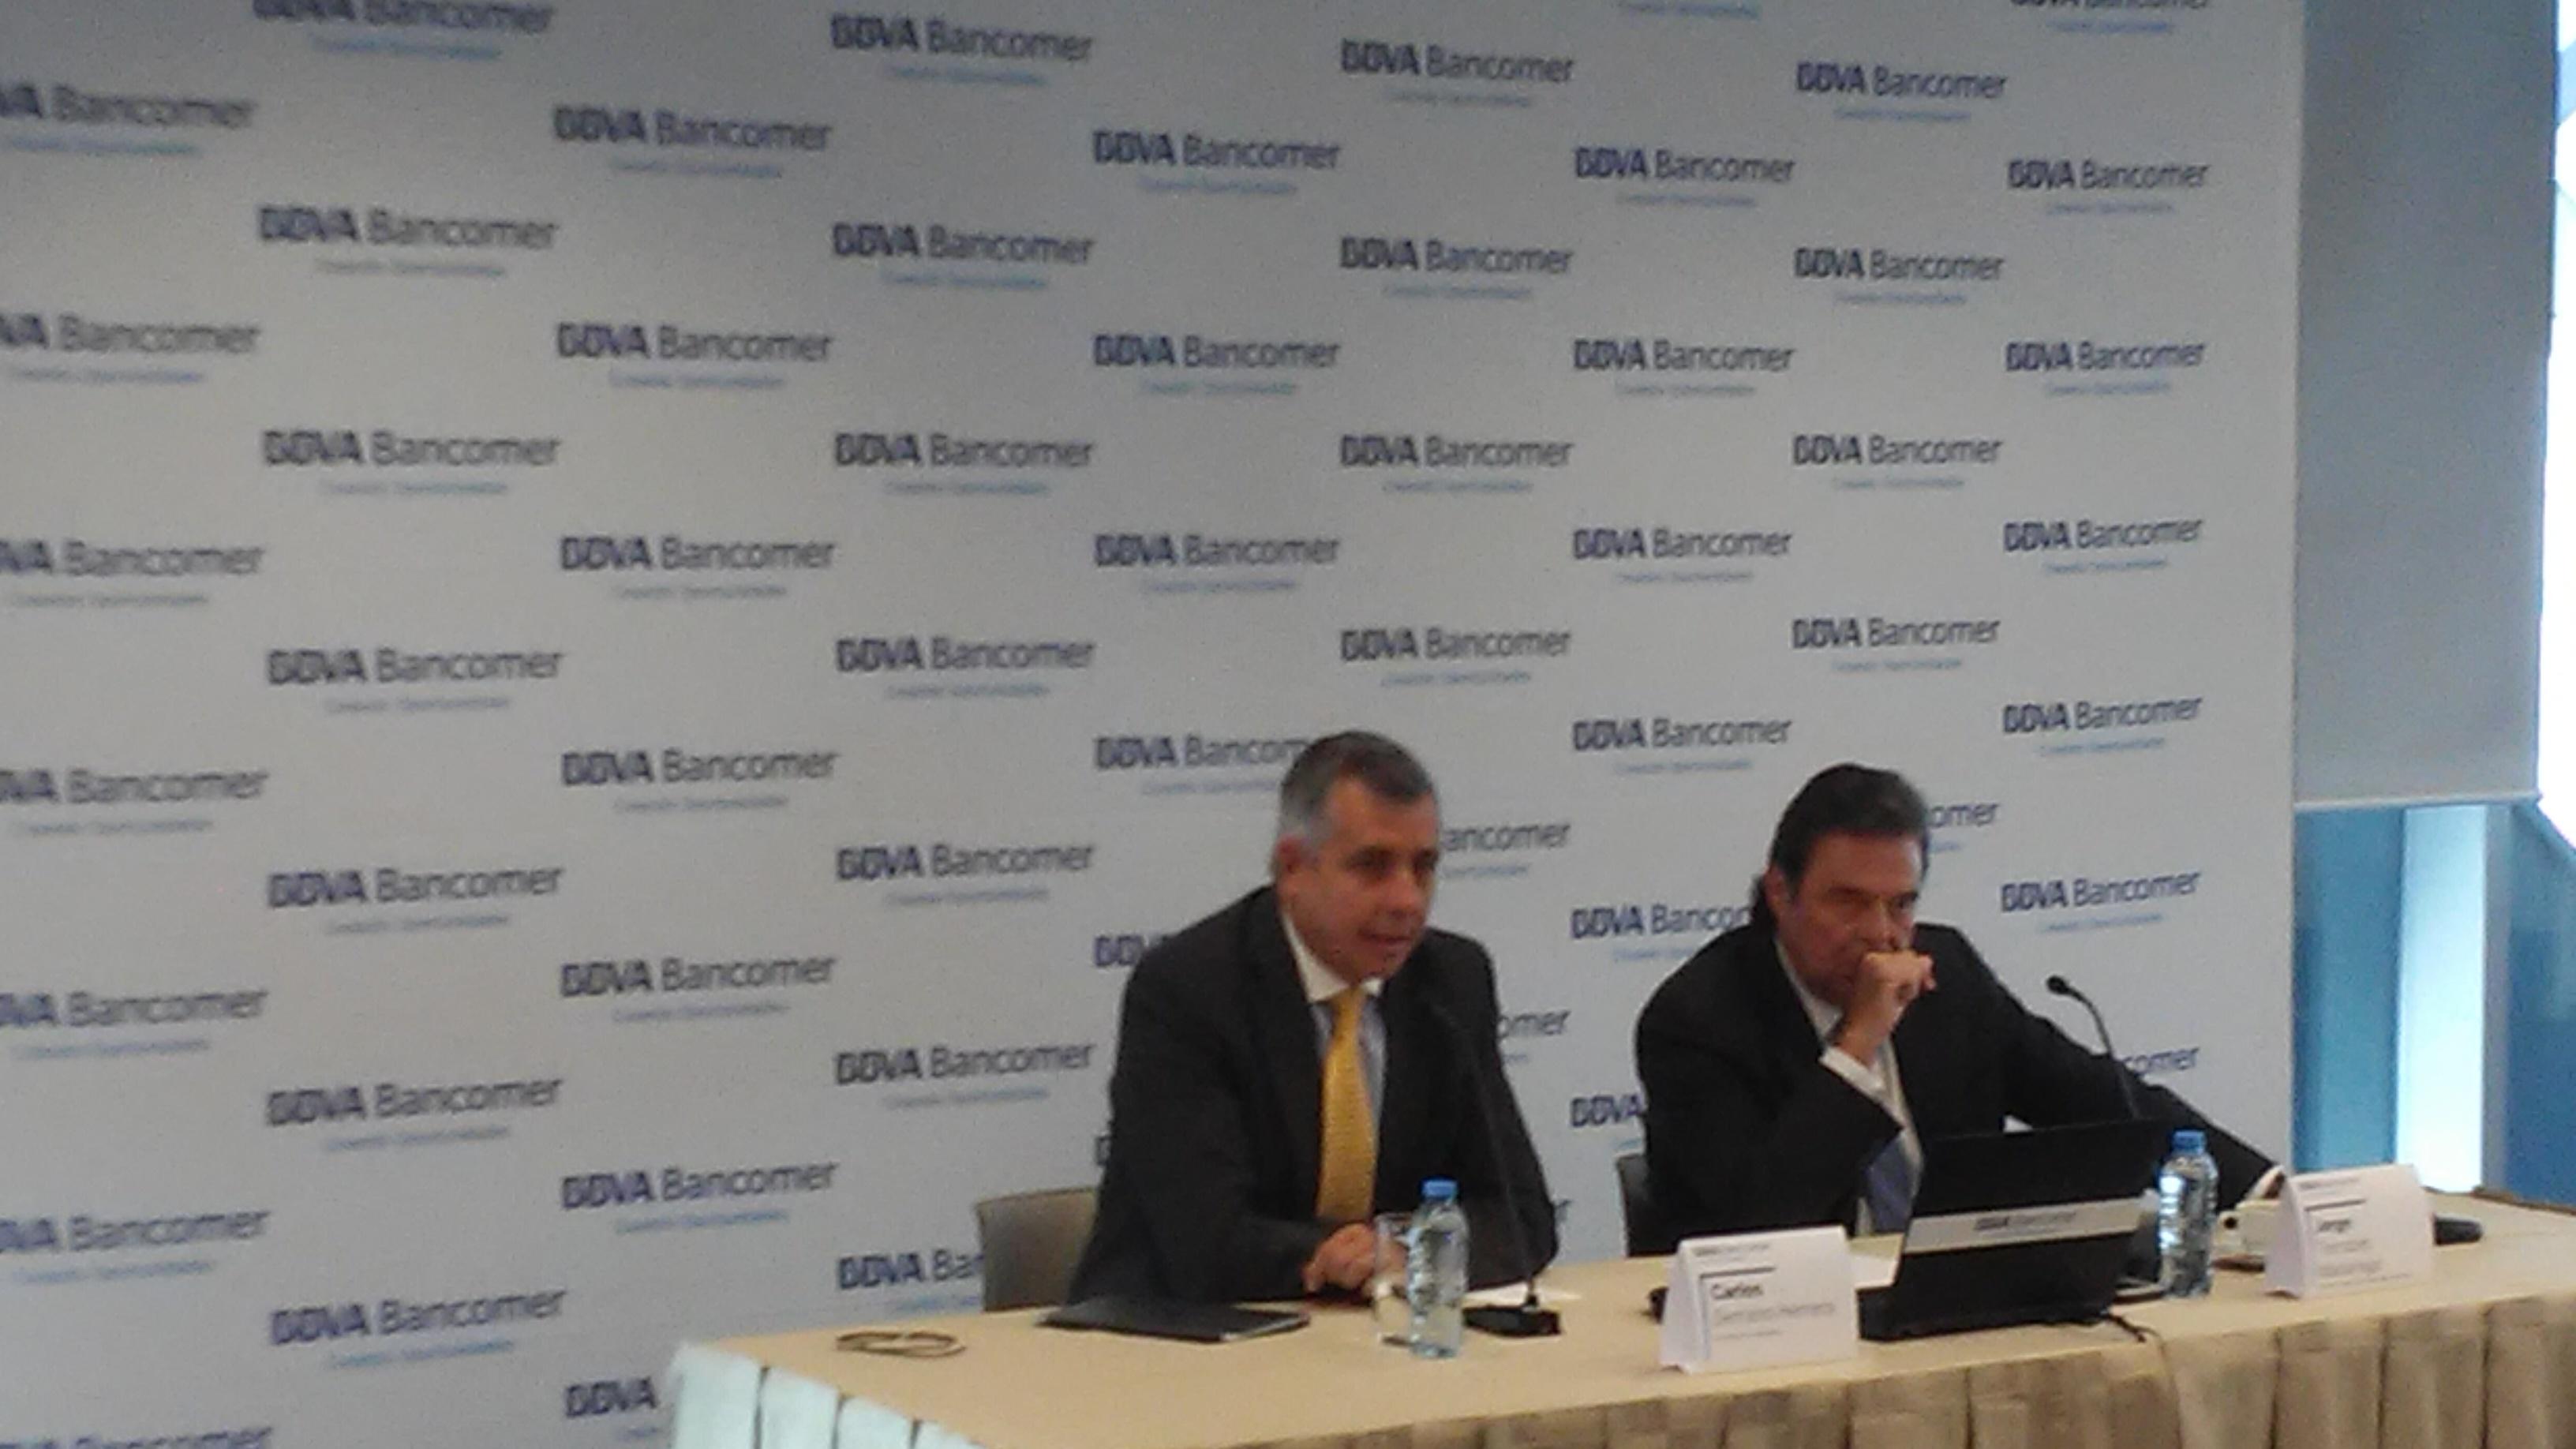 Situacion México, Bancomer, Carlos Serrano